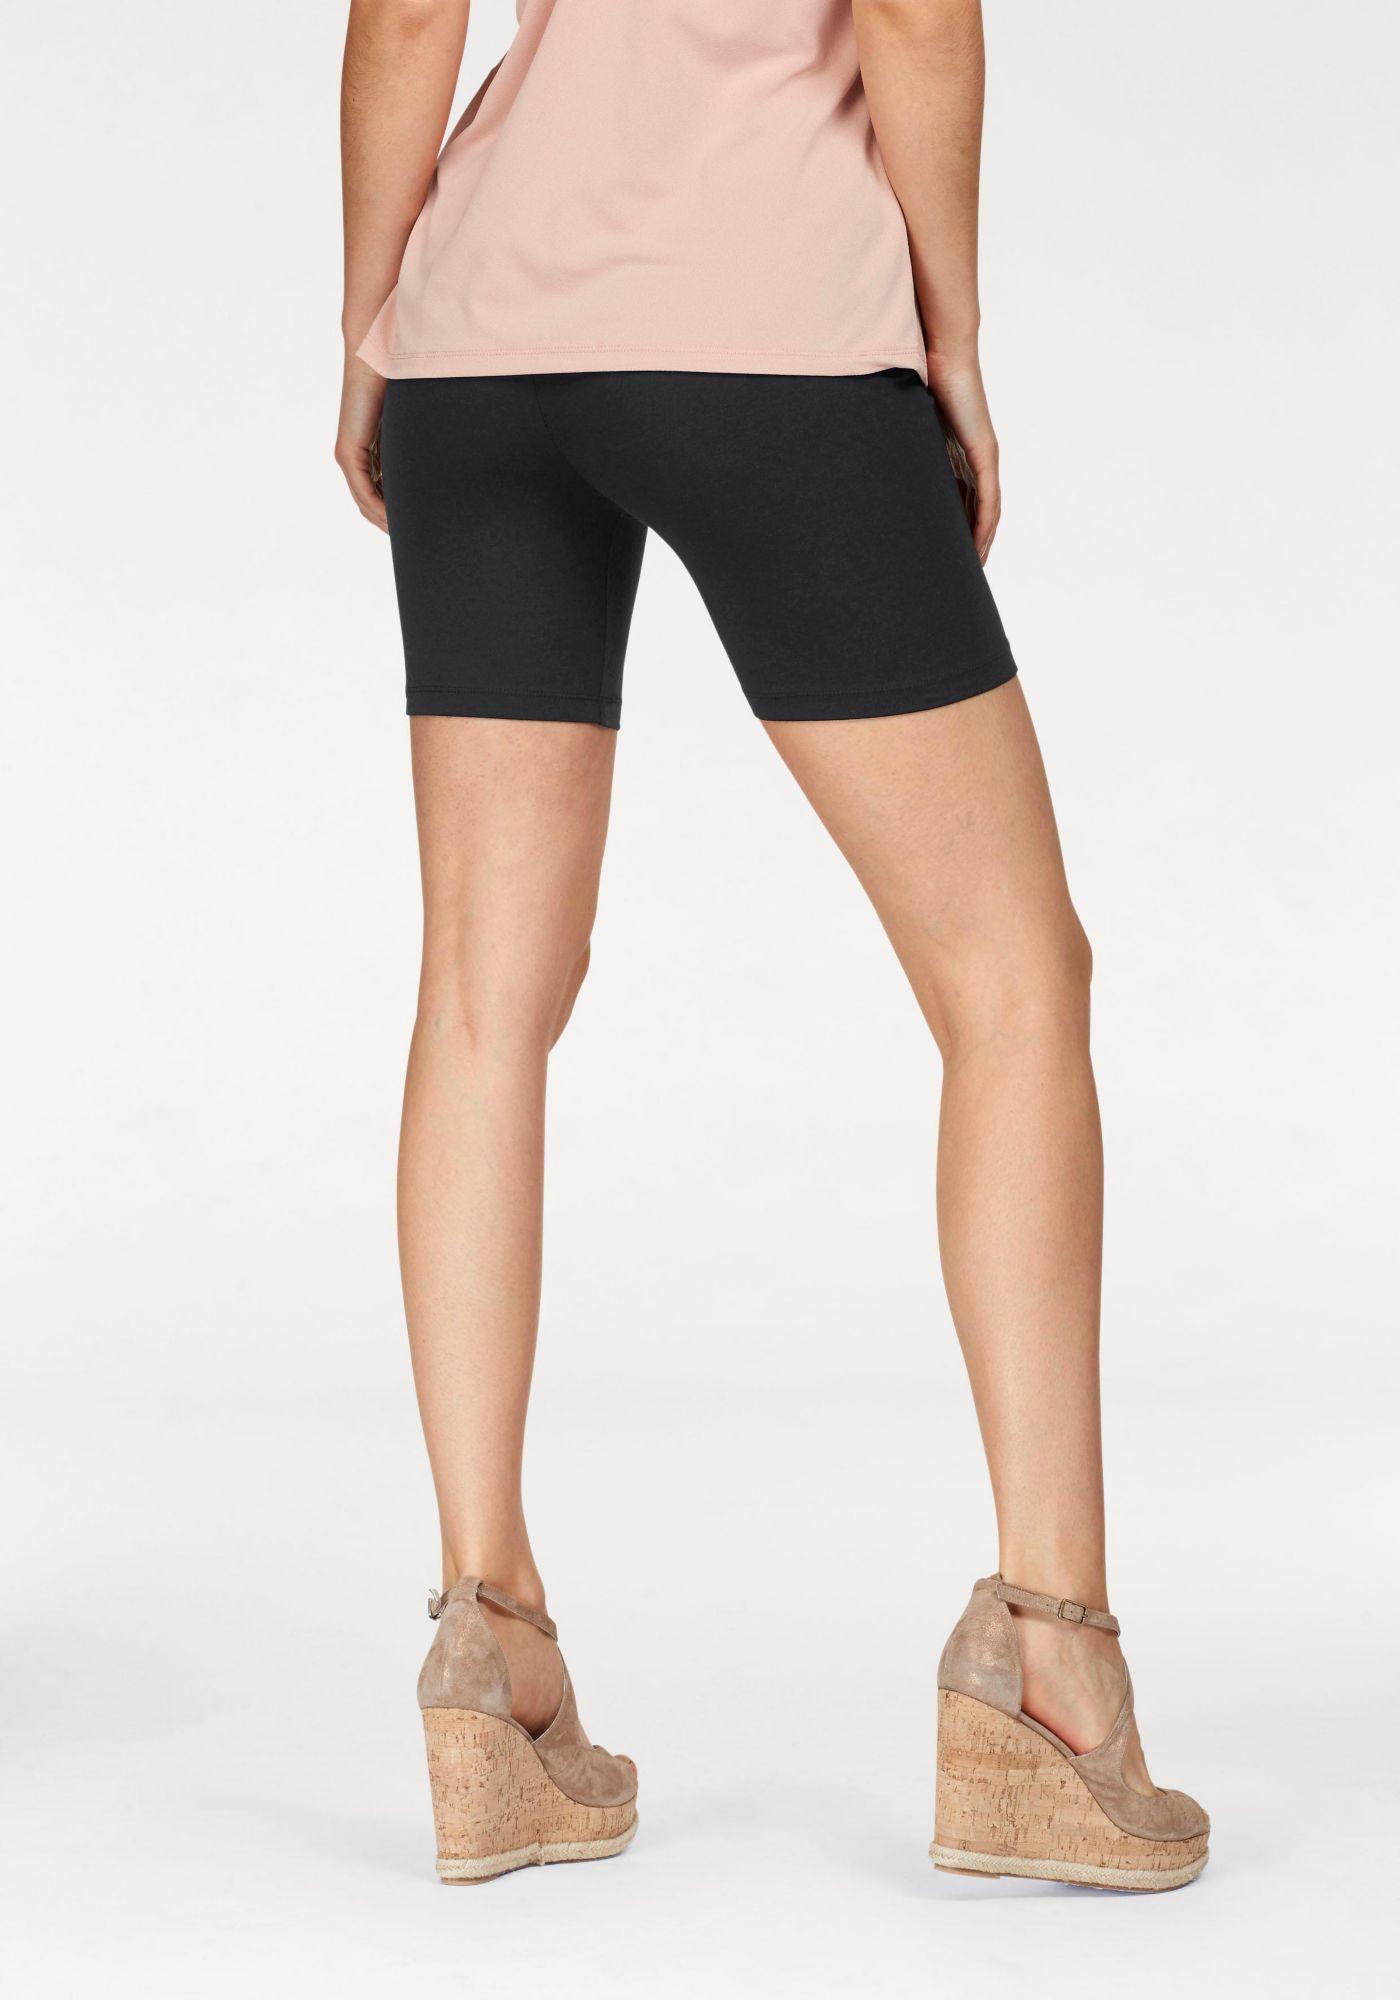 sportliche Hose kurz elastisch